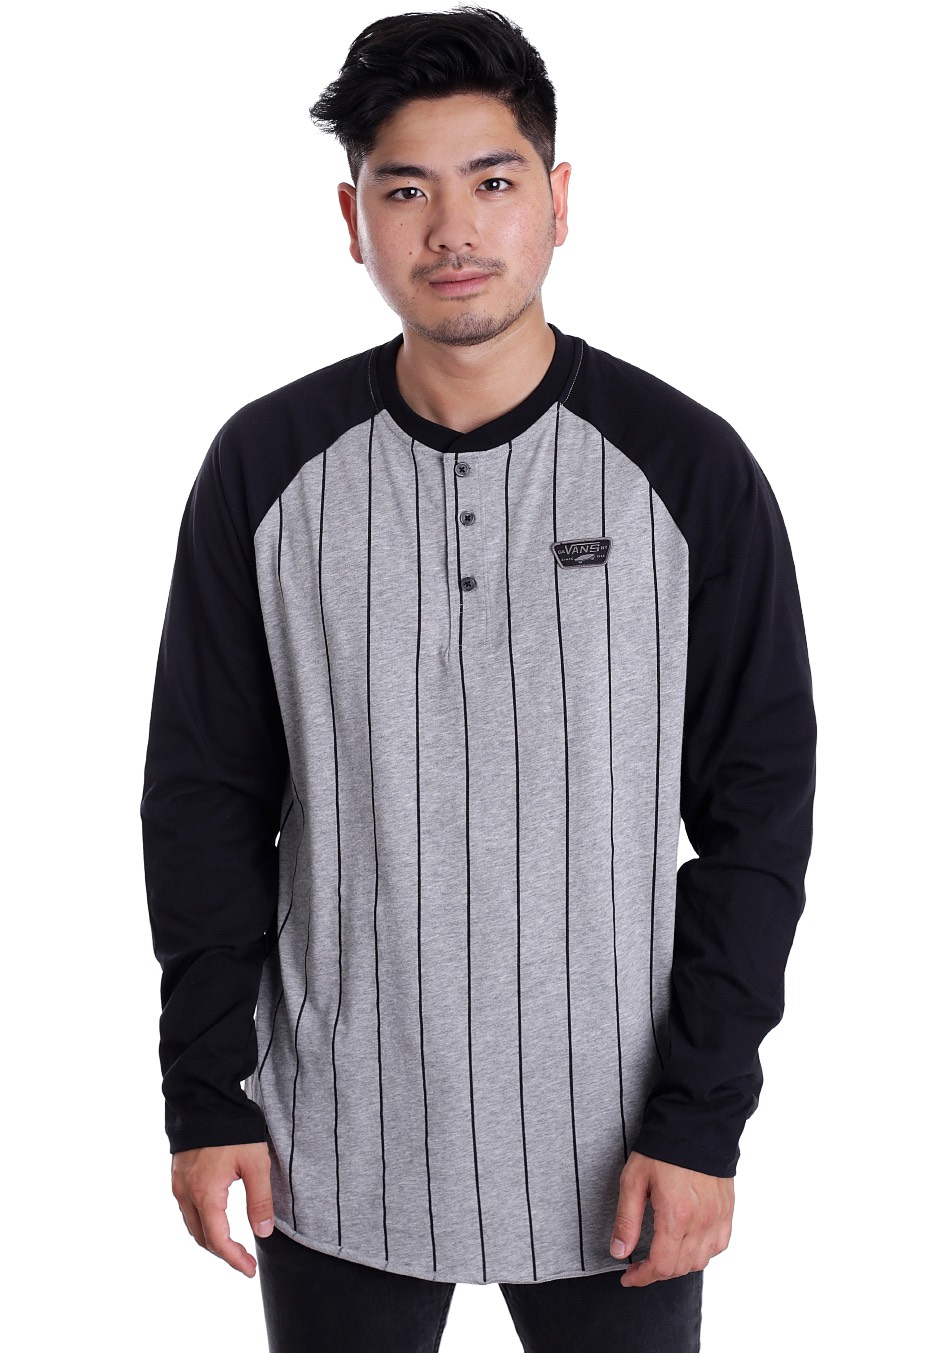 vans grey jumper